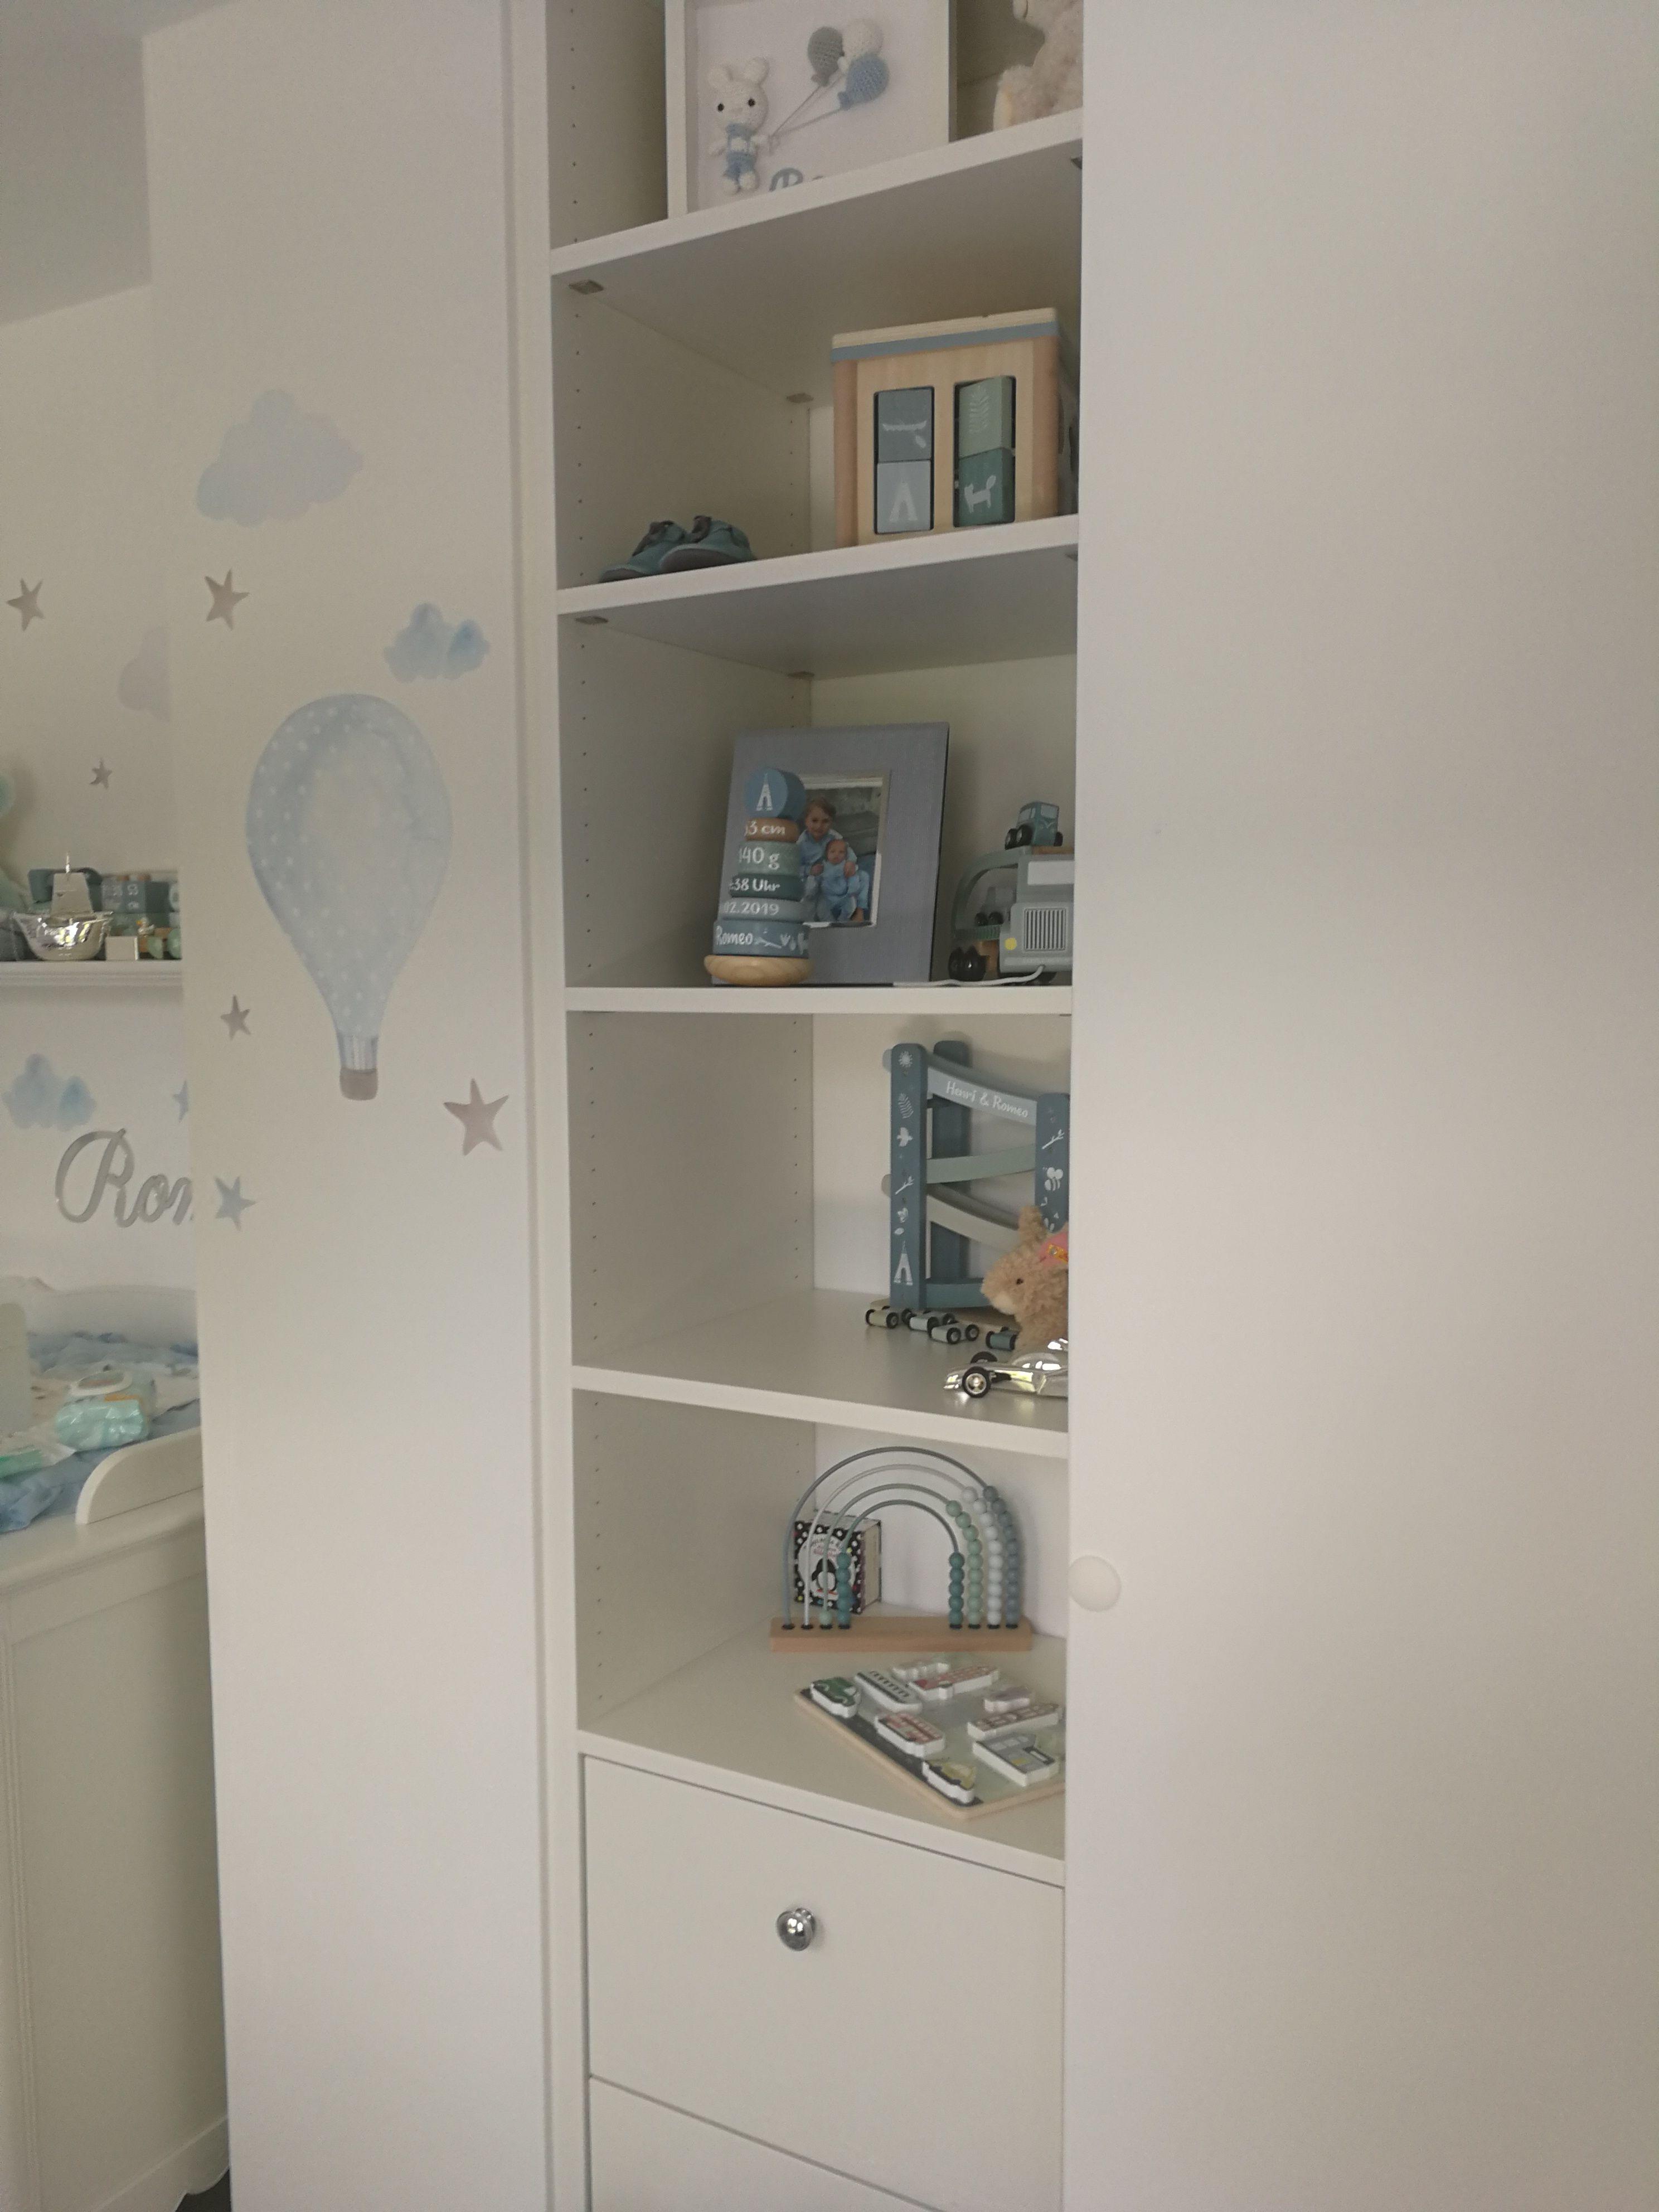 Platz Fur Traume Mit 10 Preisvorteil Auf Ihren Einbauschrank Kinderzimmer Schrank